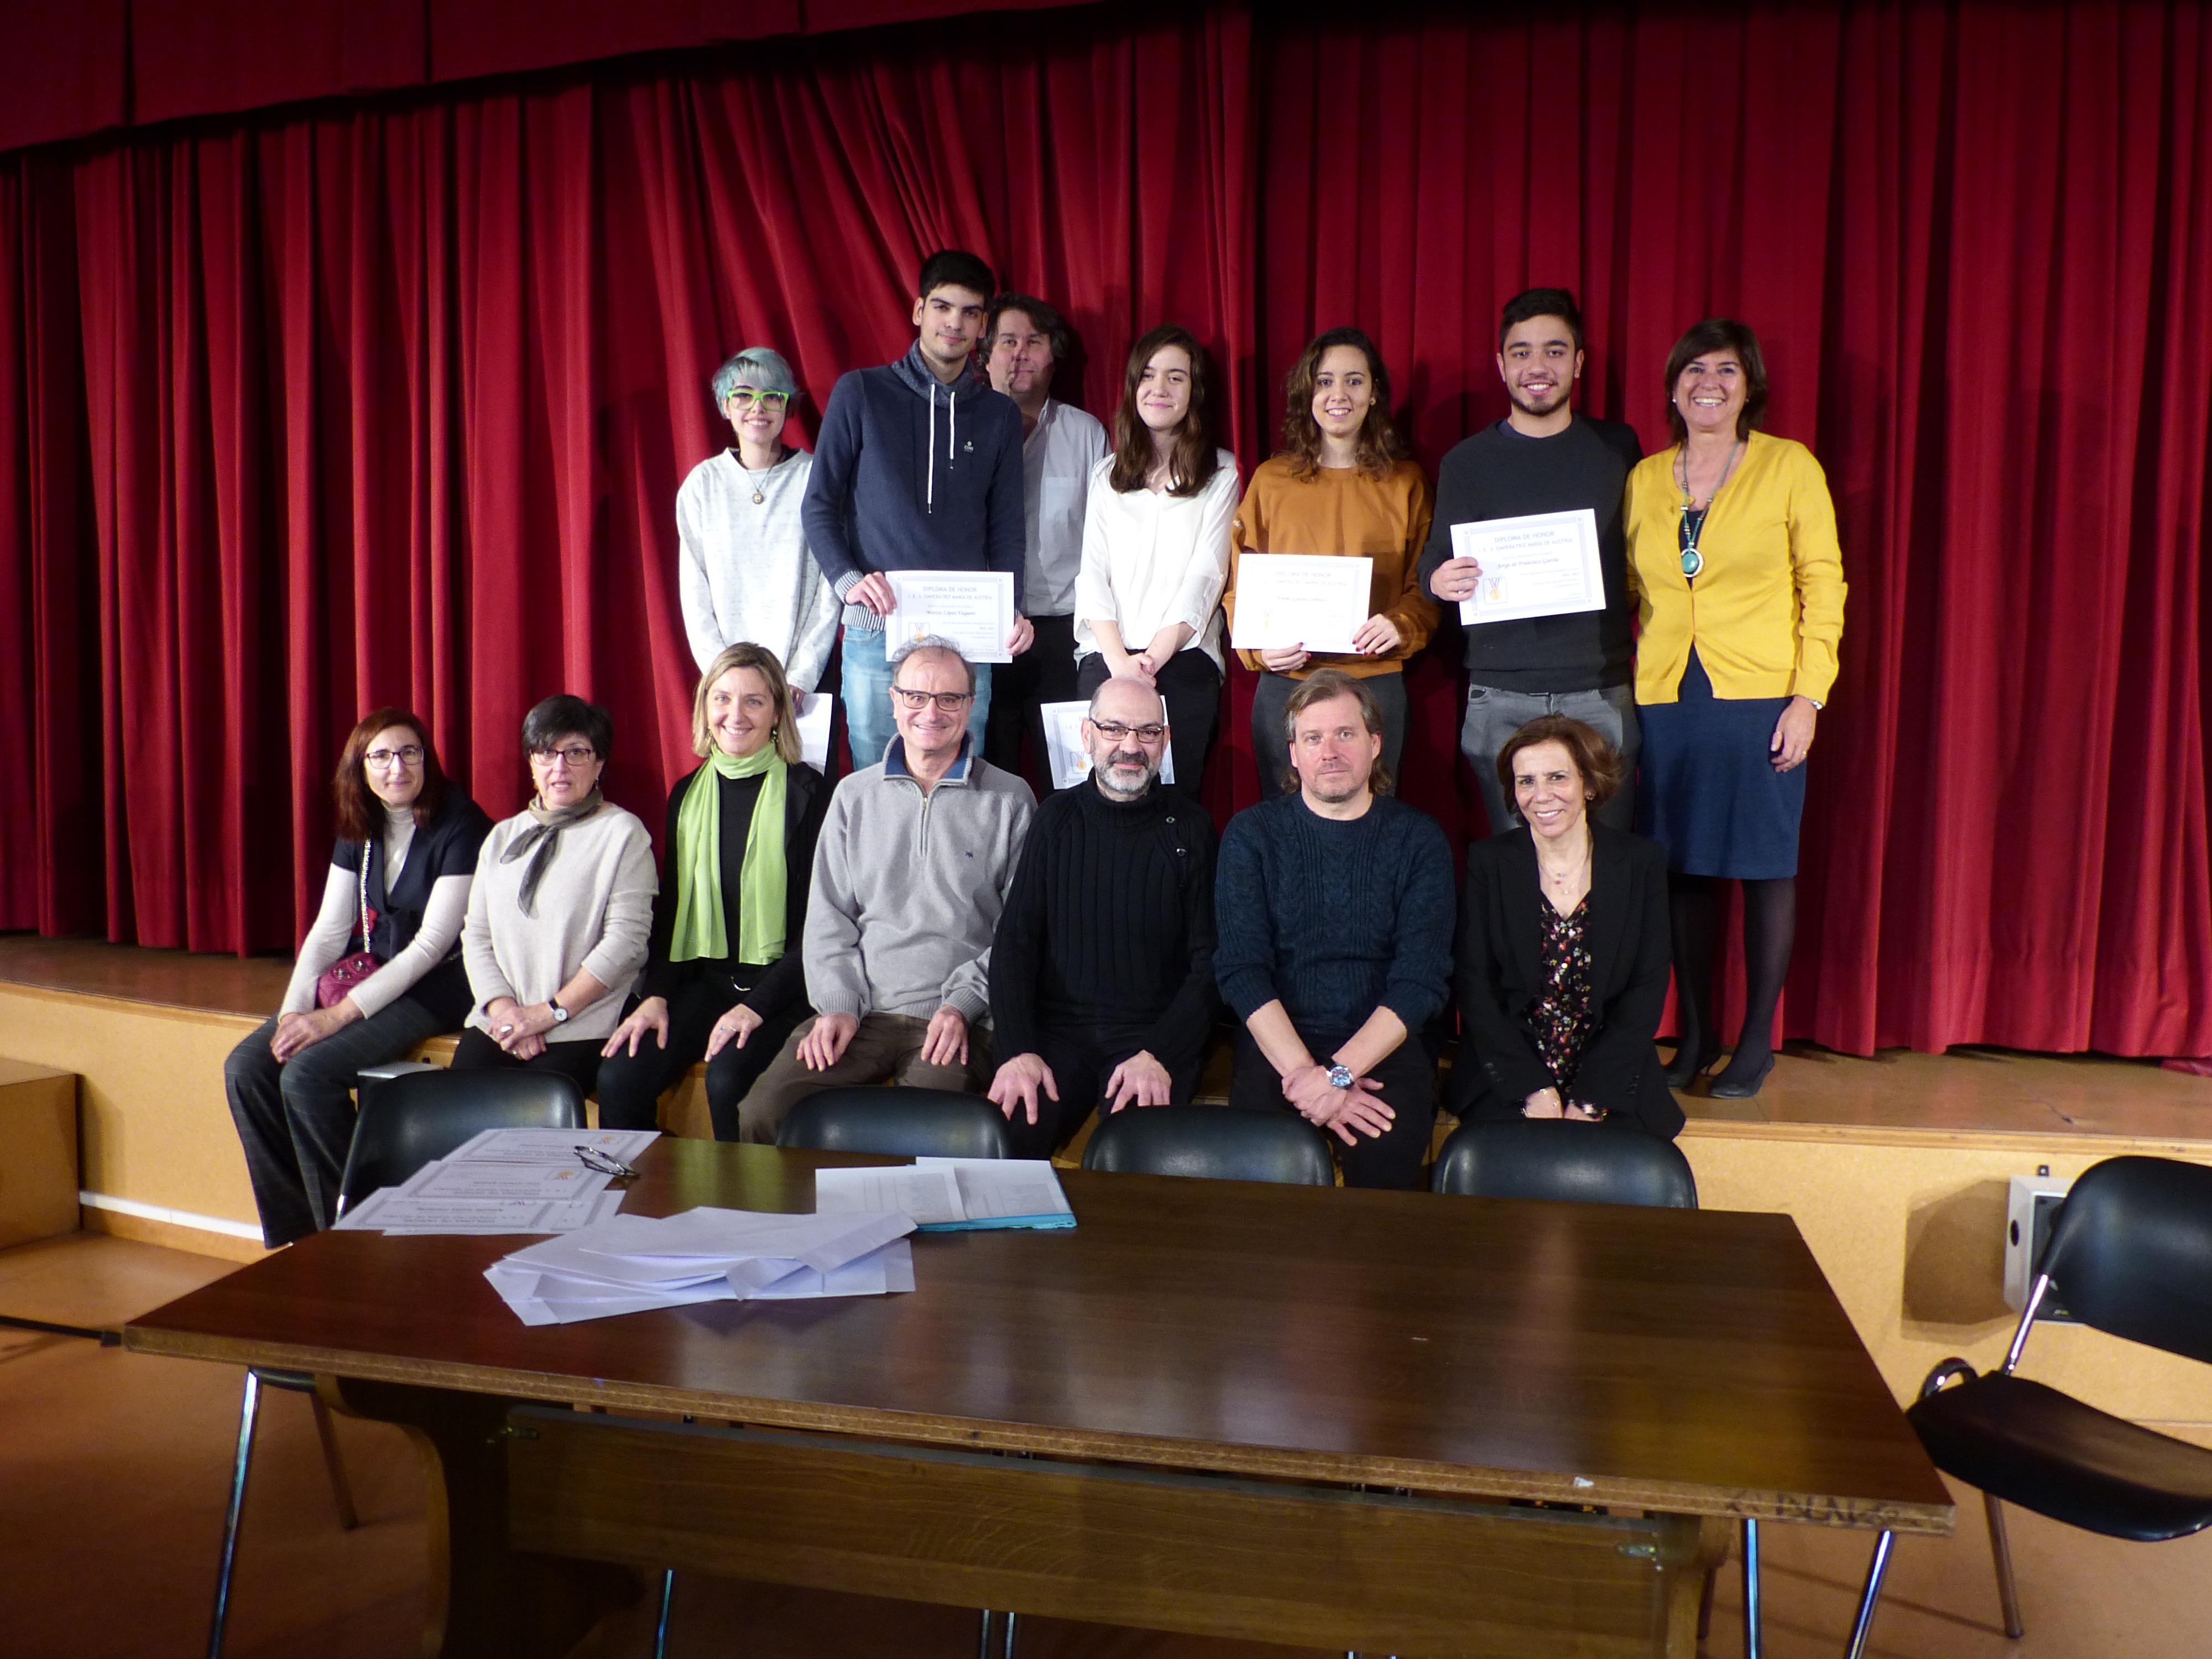 Acto Entrega Diplomas Menciones Honoríficas curso 2017-2018 7